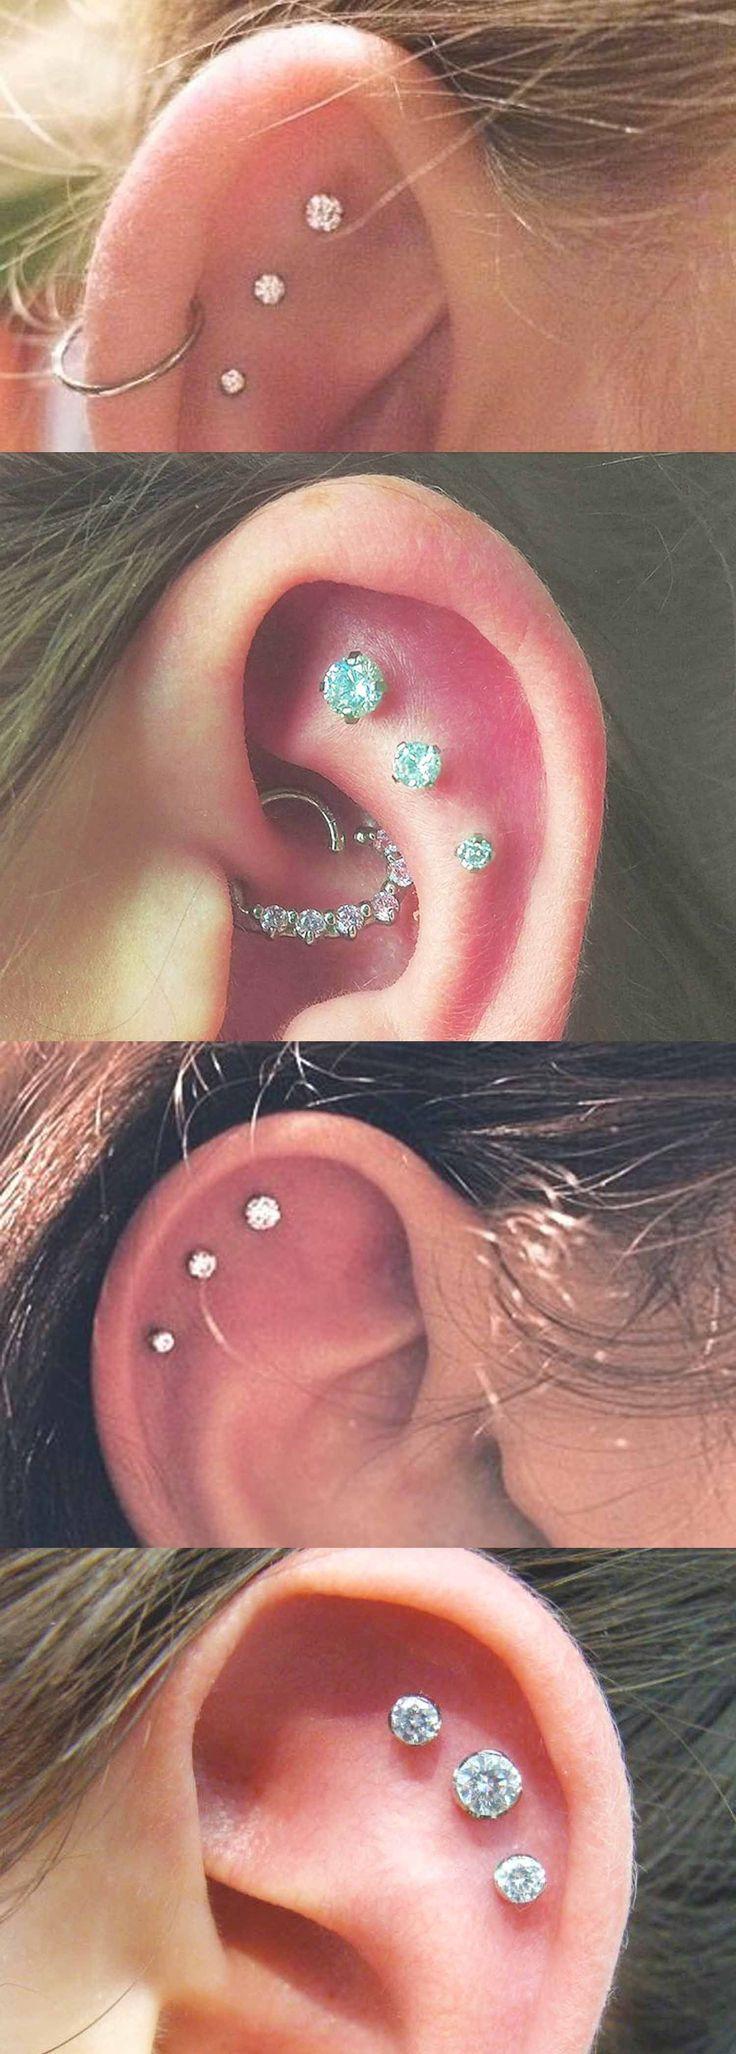 Simple yet cool ear Pierc